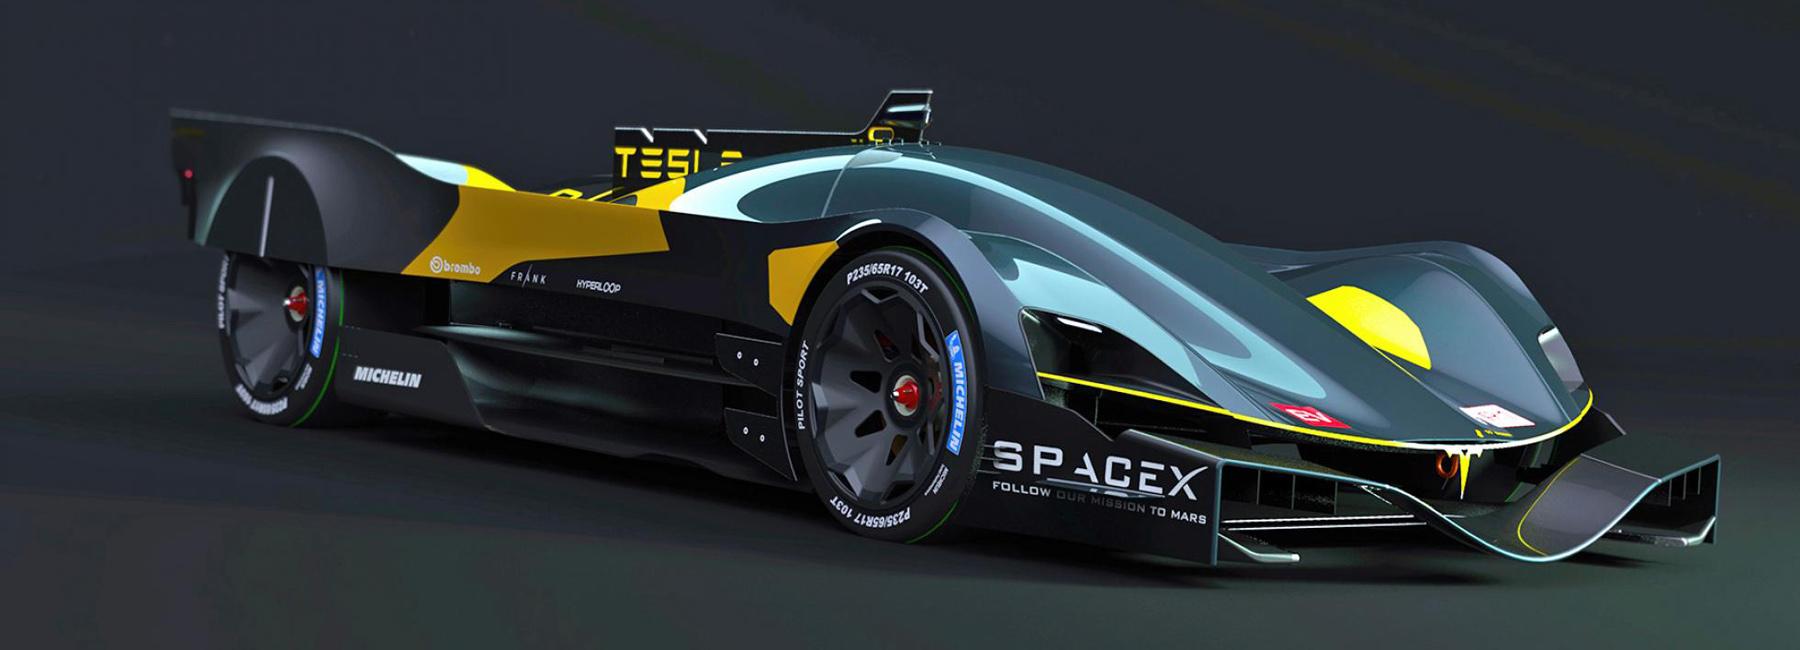 tesla-le-mans-car-concept-designboom-header.jpg